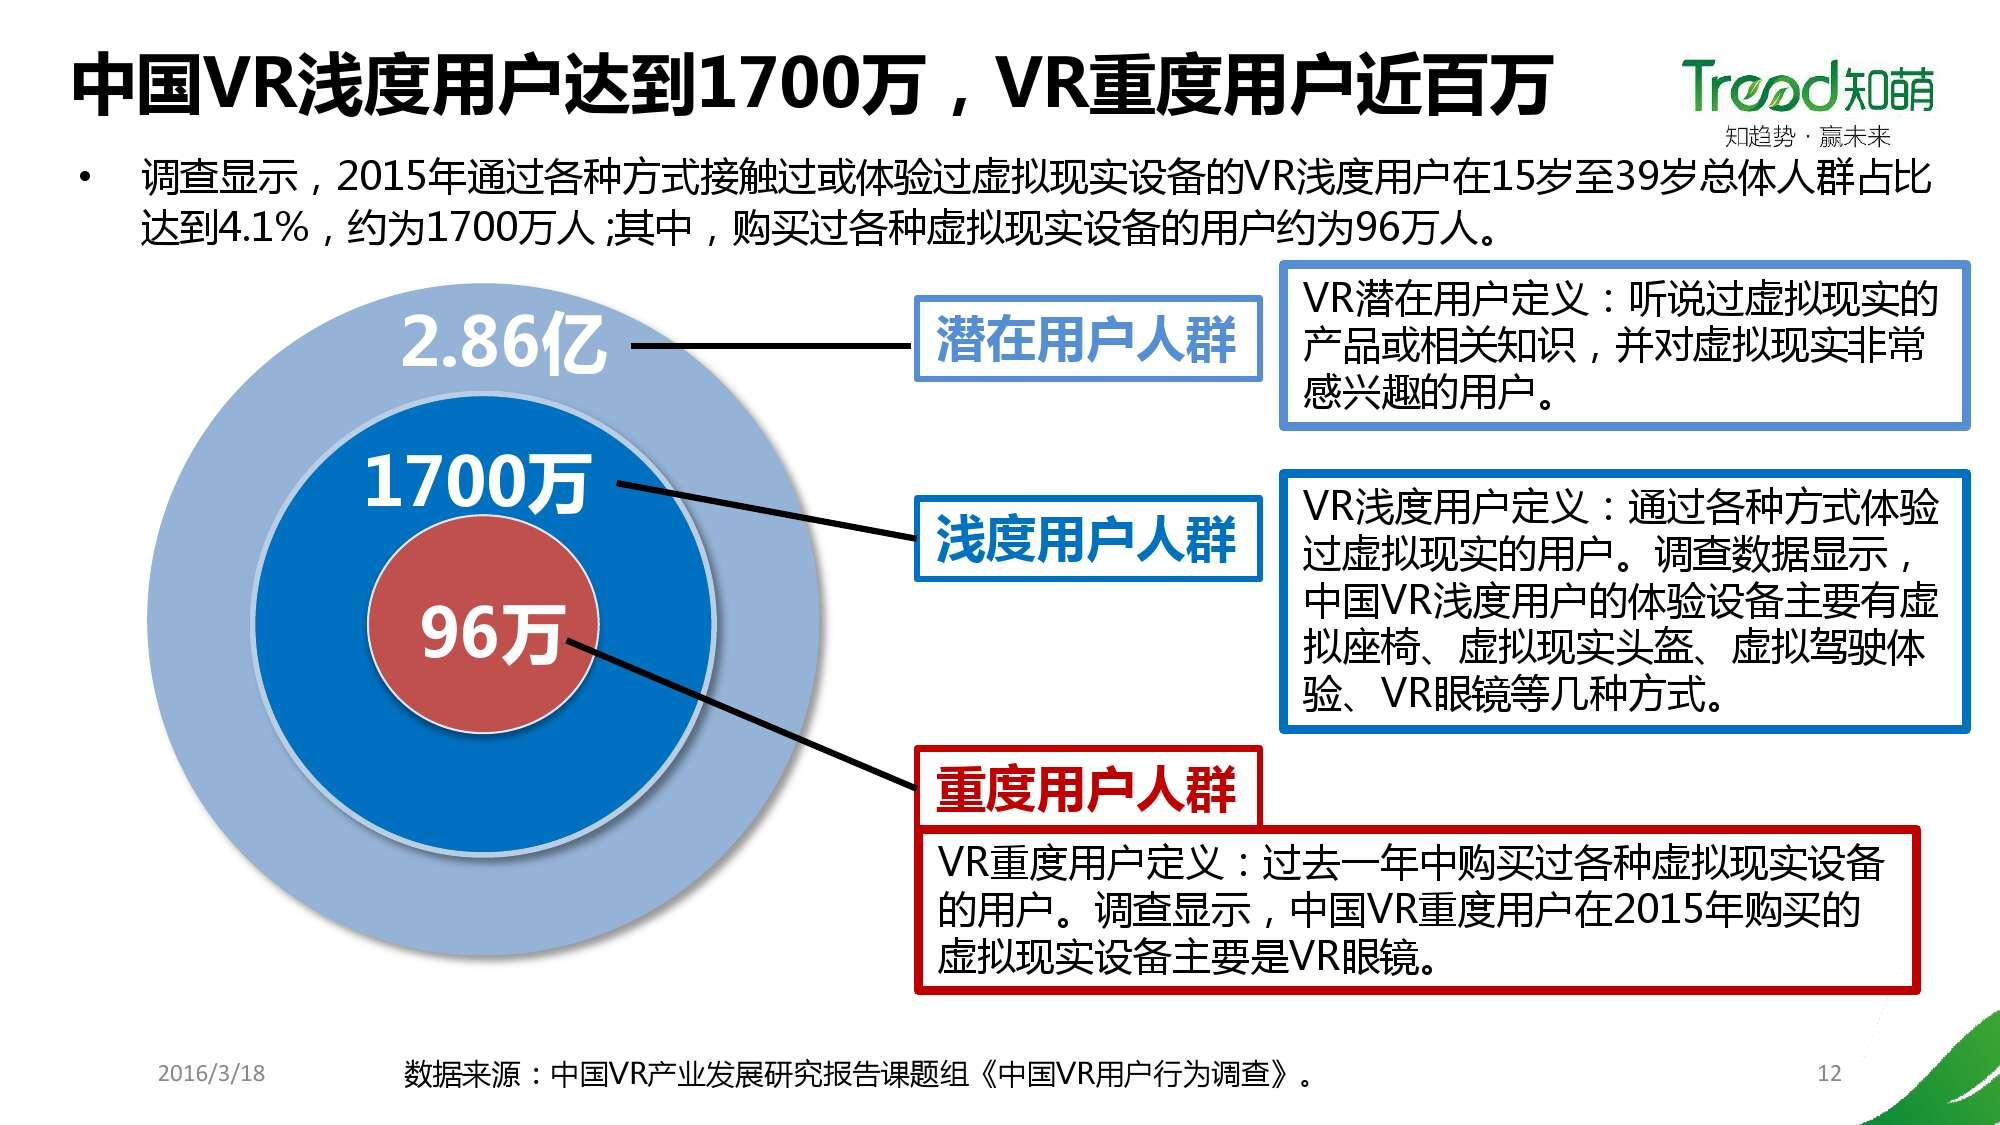 中国VR用户行为研究报告_000012